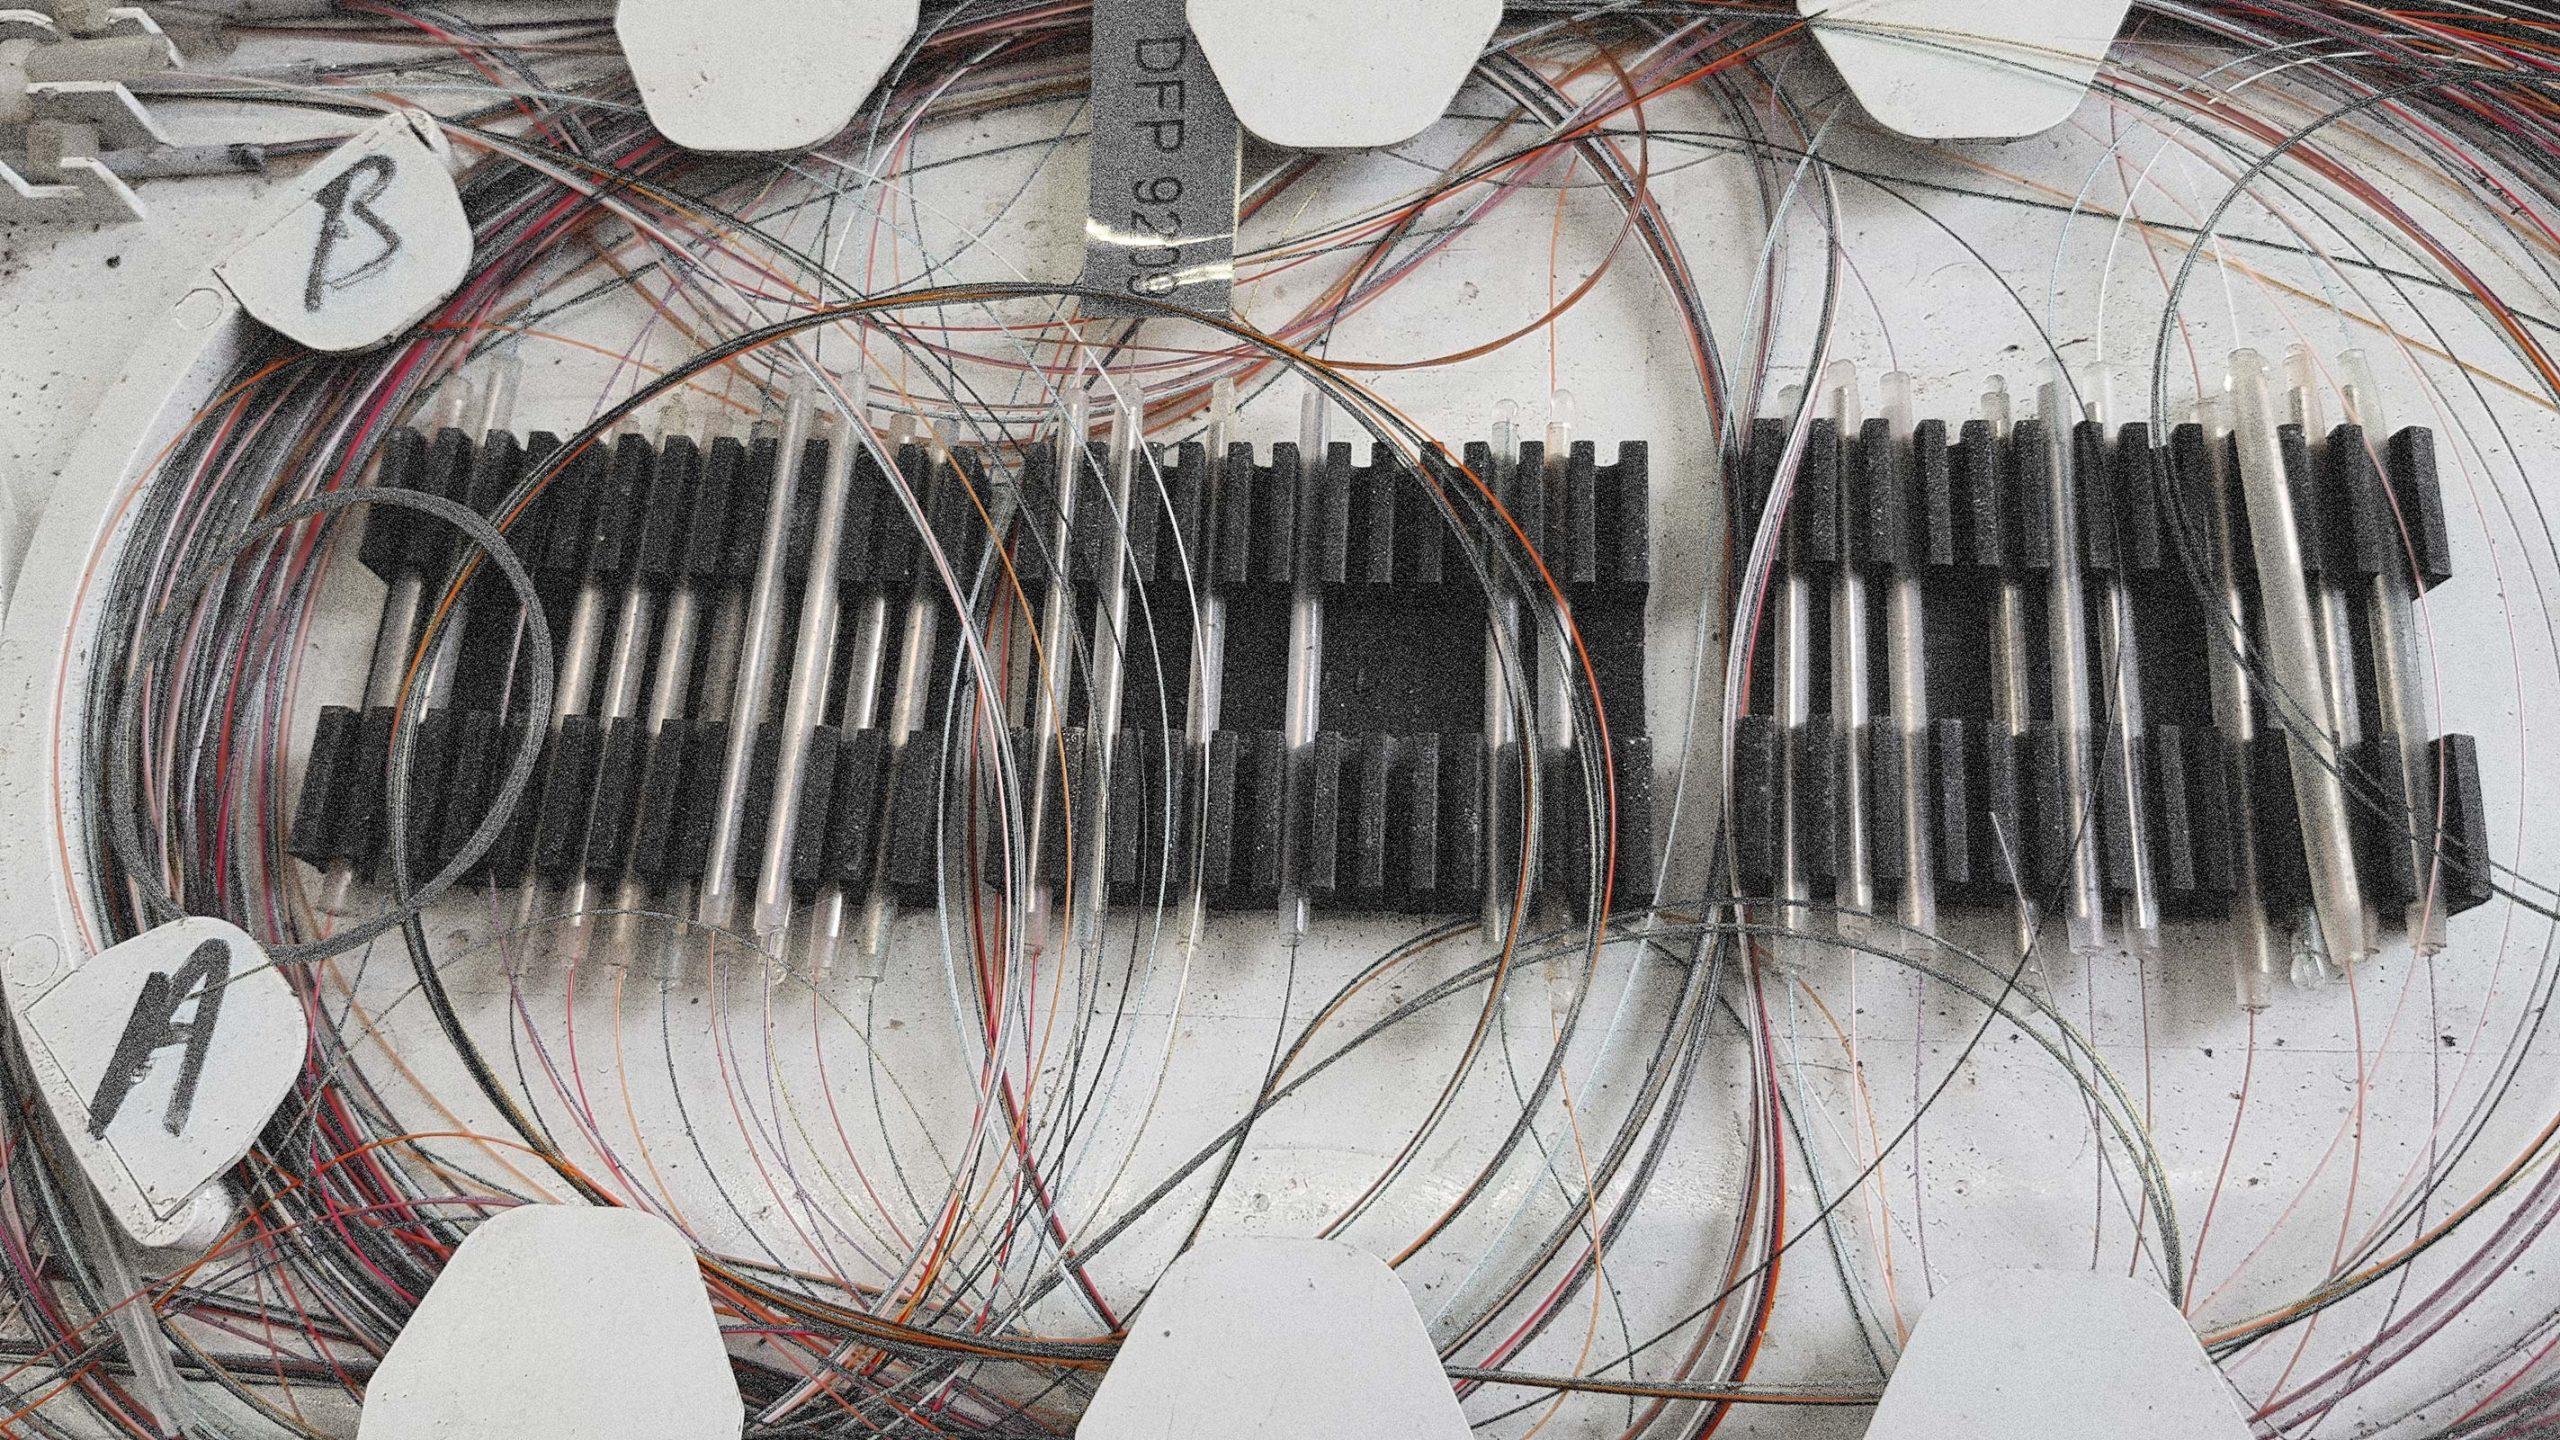 Photo of fibre optic cables